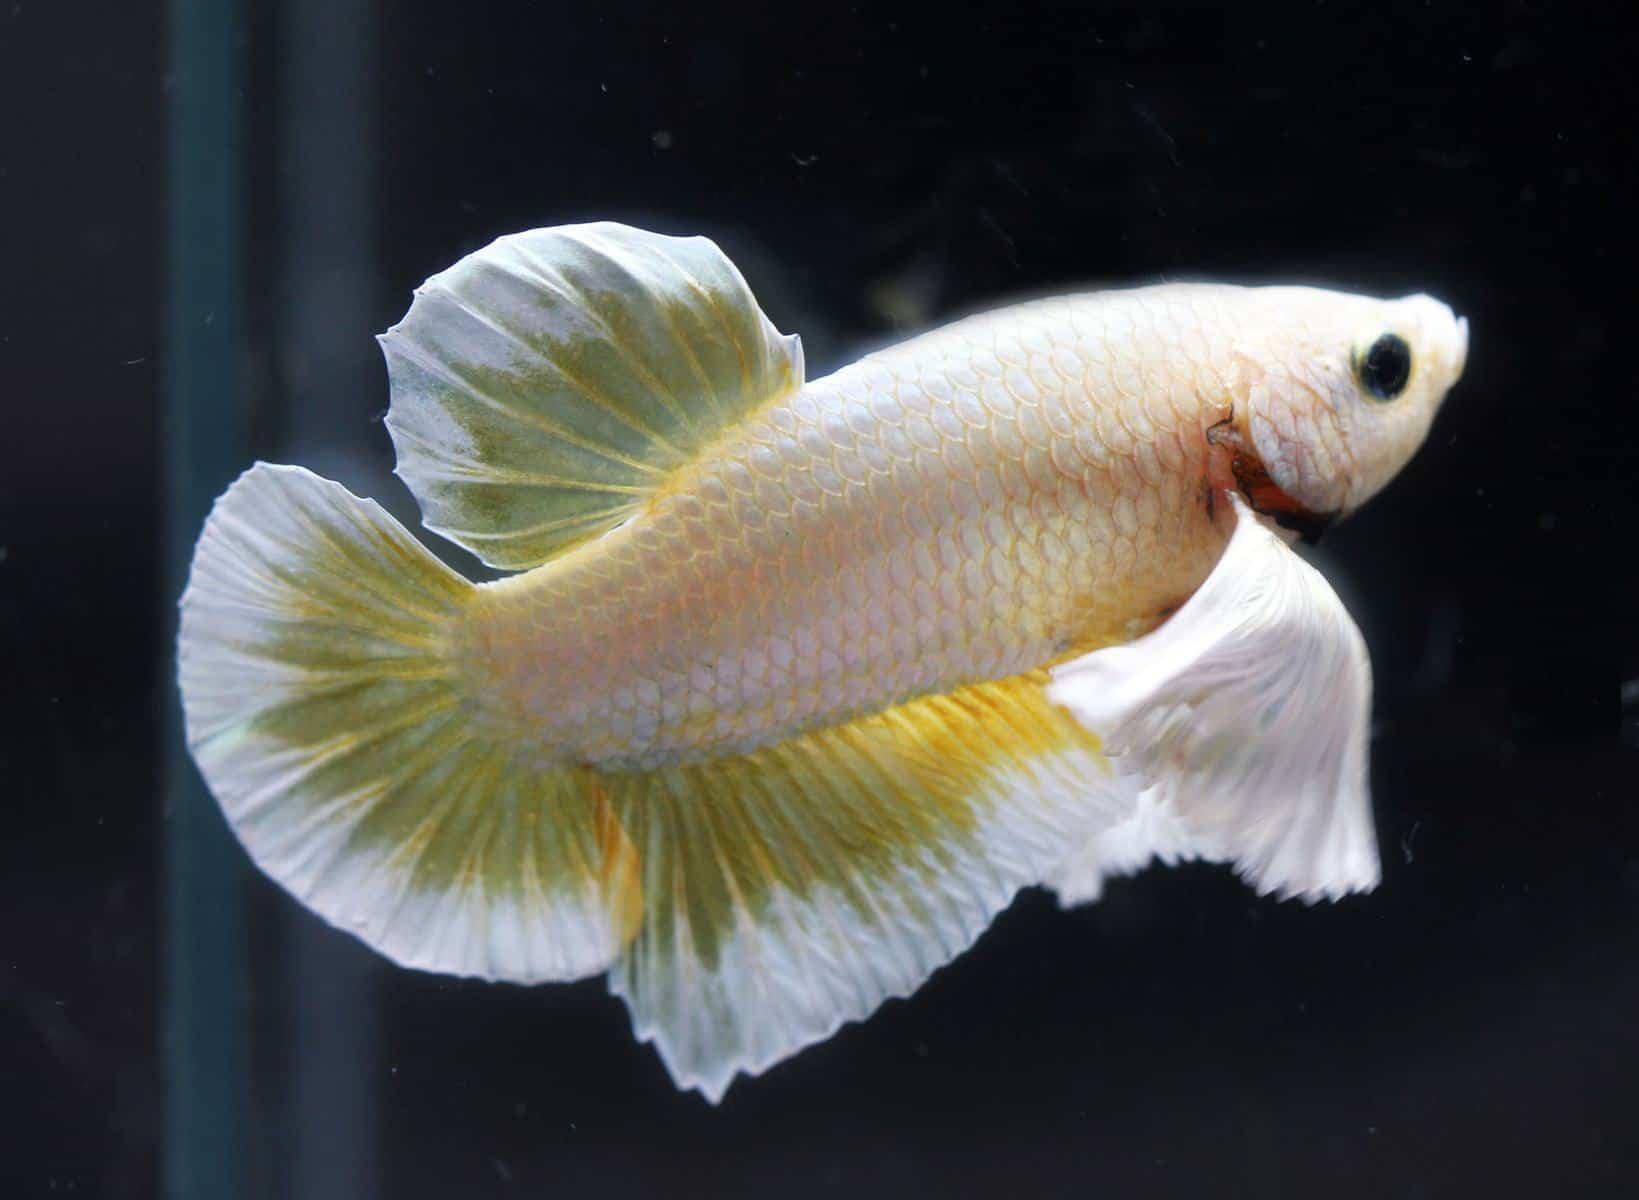 betta fish in aquarium with lighting